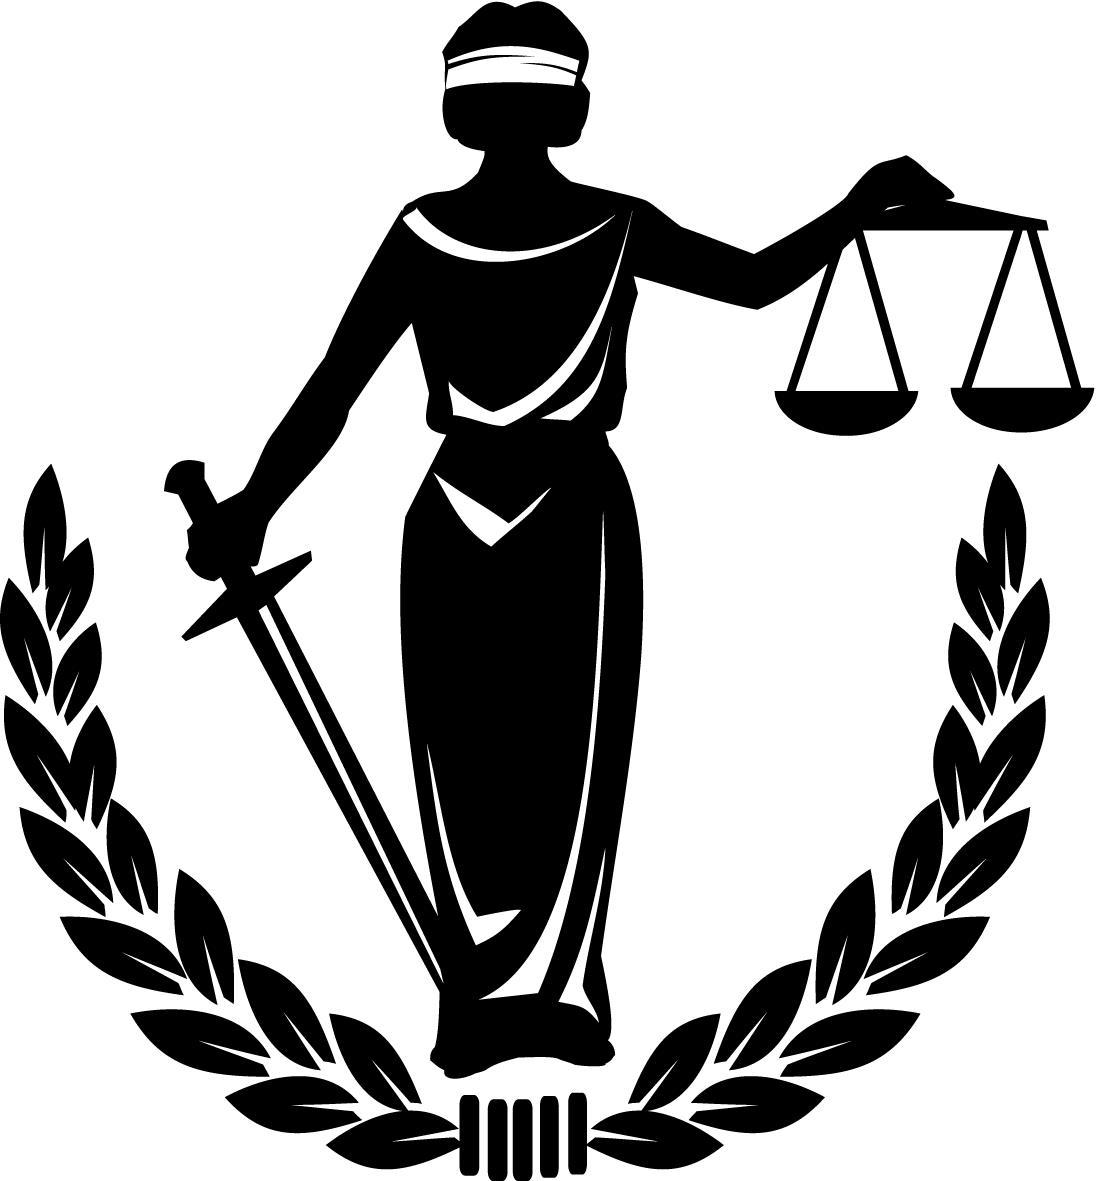 وبلاگ اندیشه های حقوقی